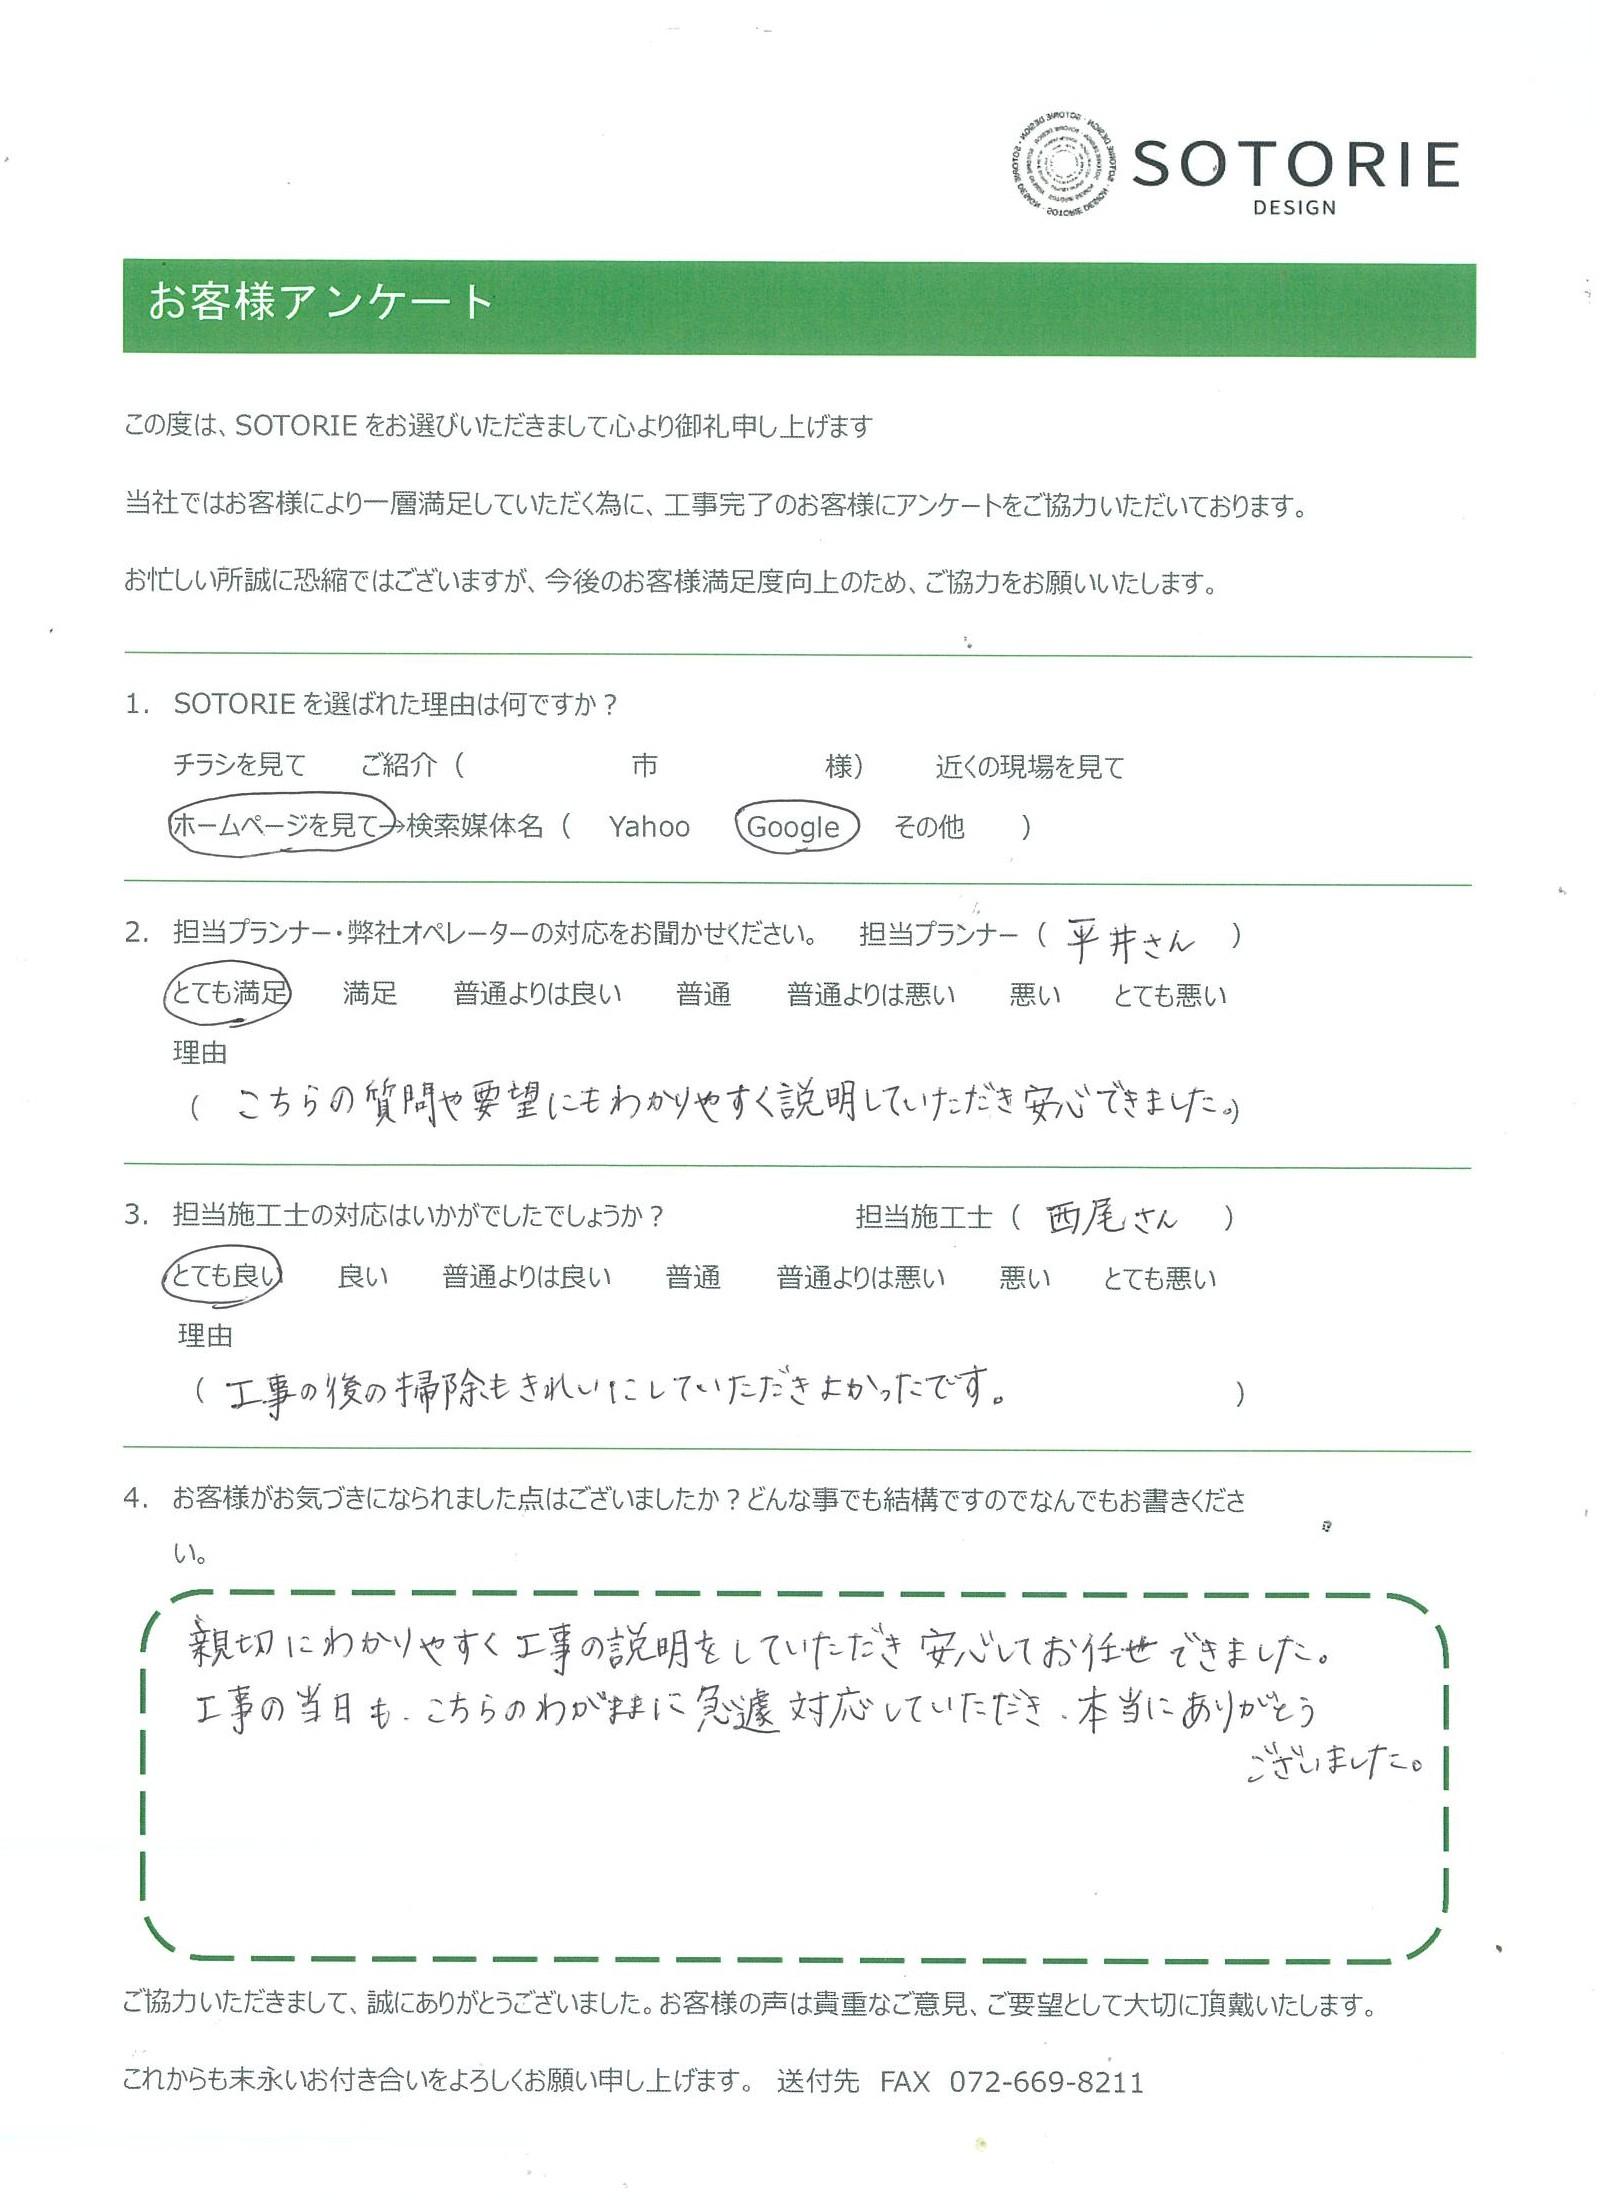 お客様アンケート004